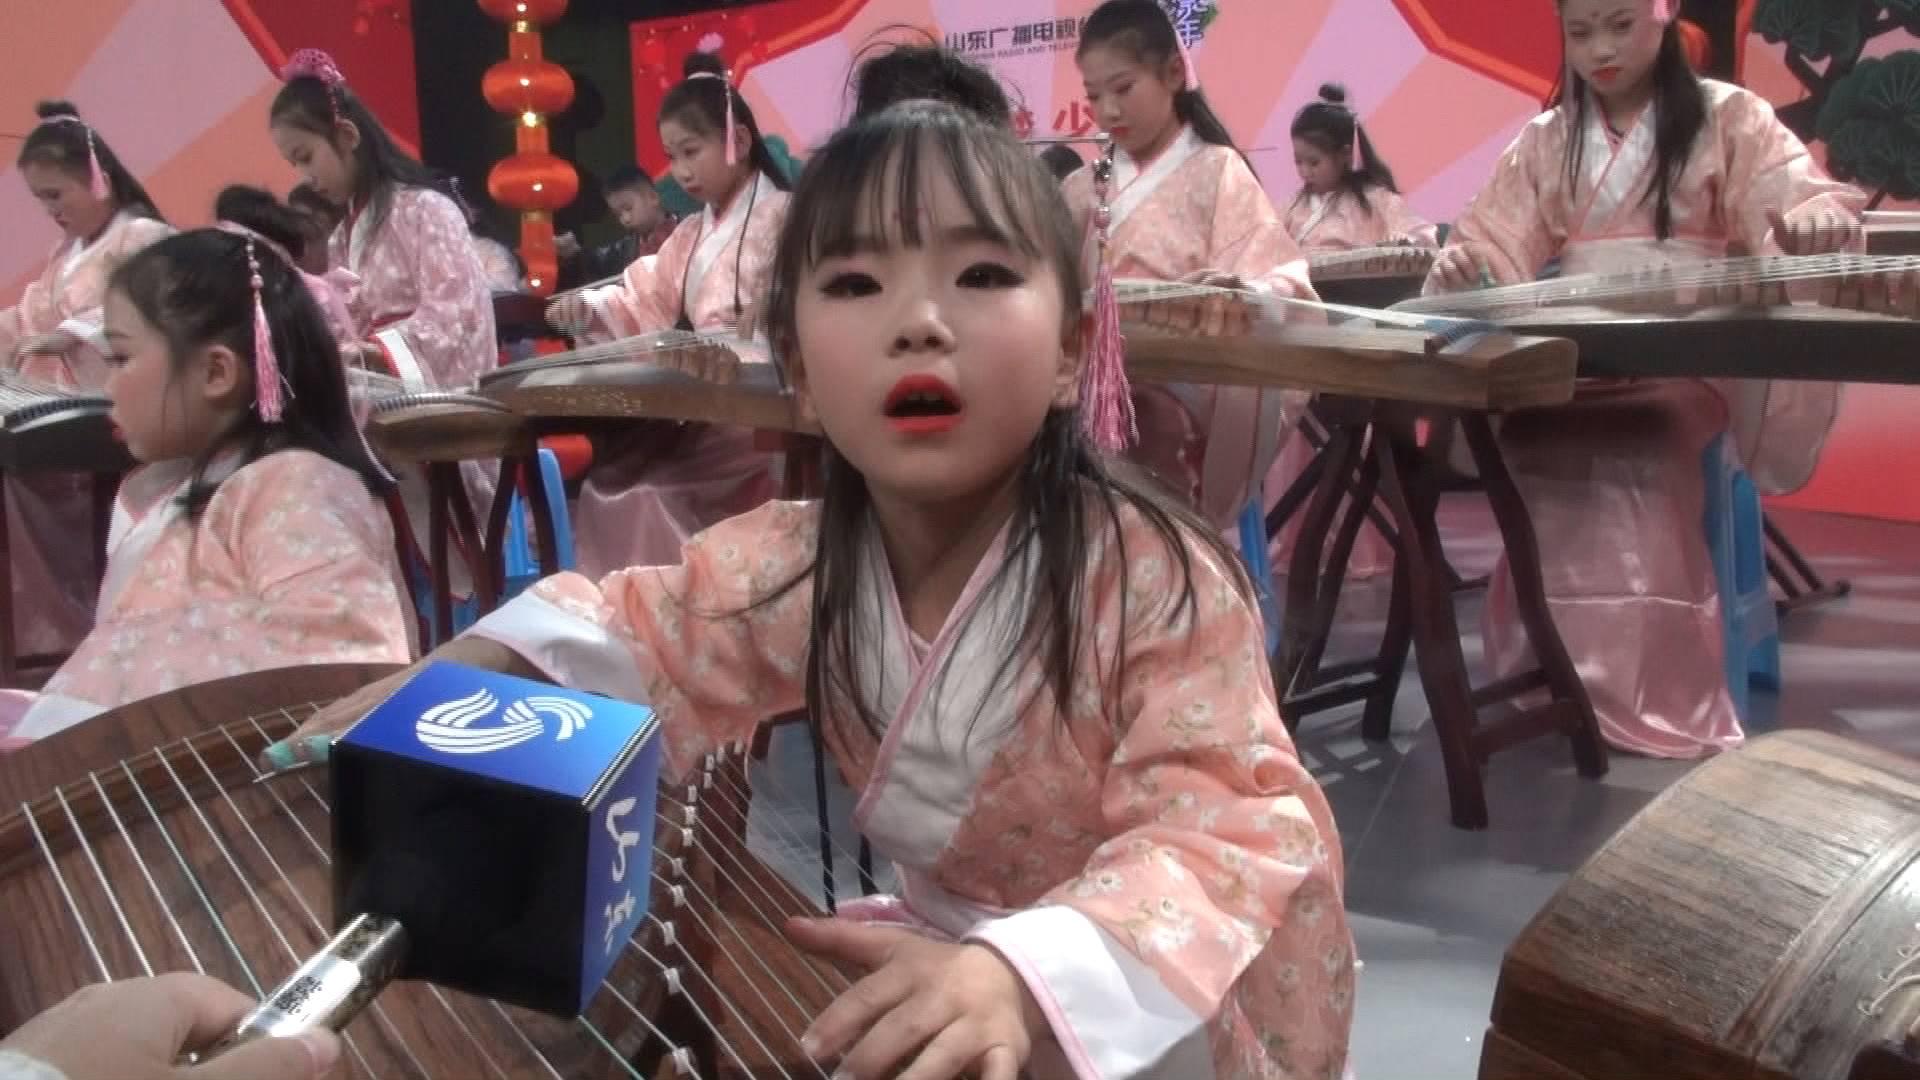 探班山东台少儿春节大联欢 萌娃后台送祝福